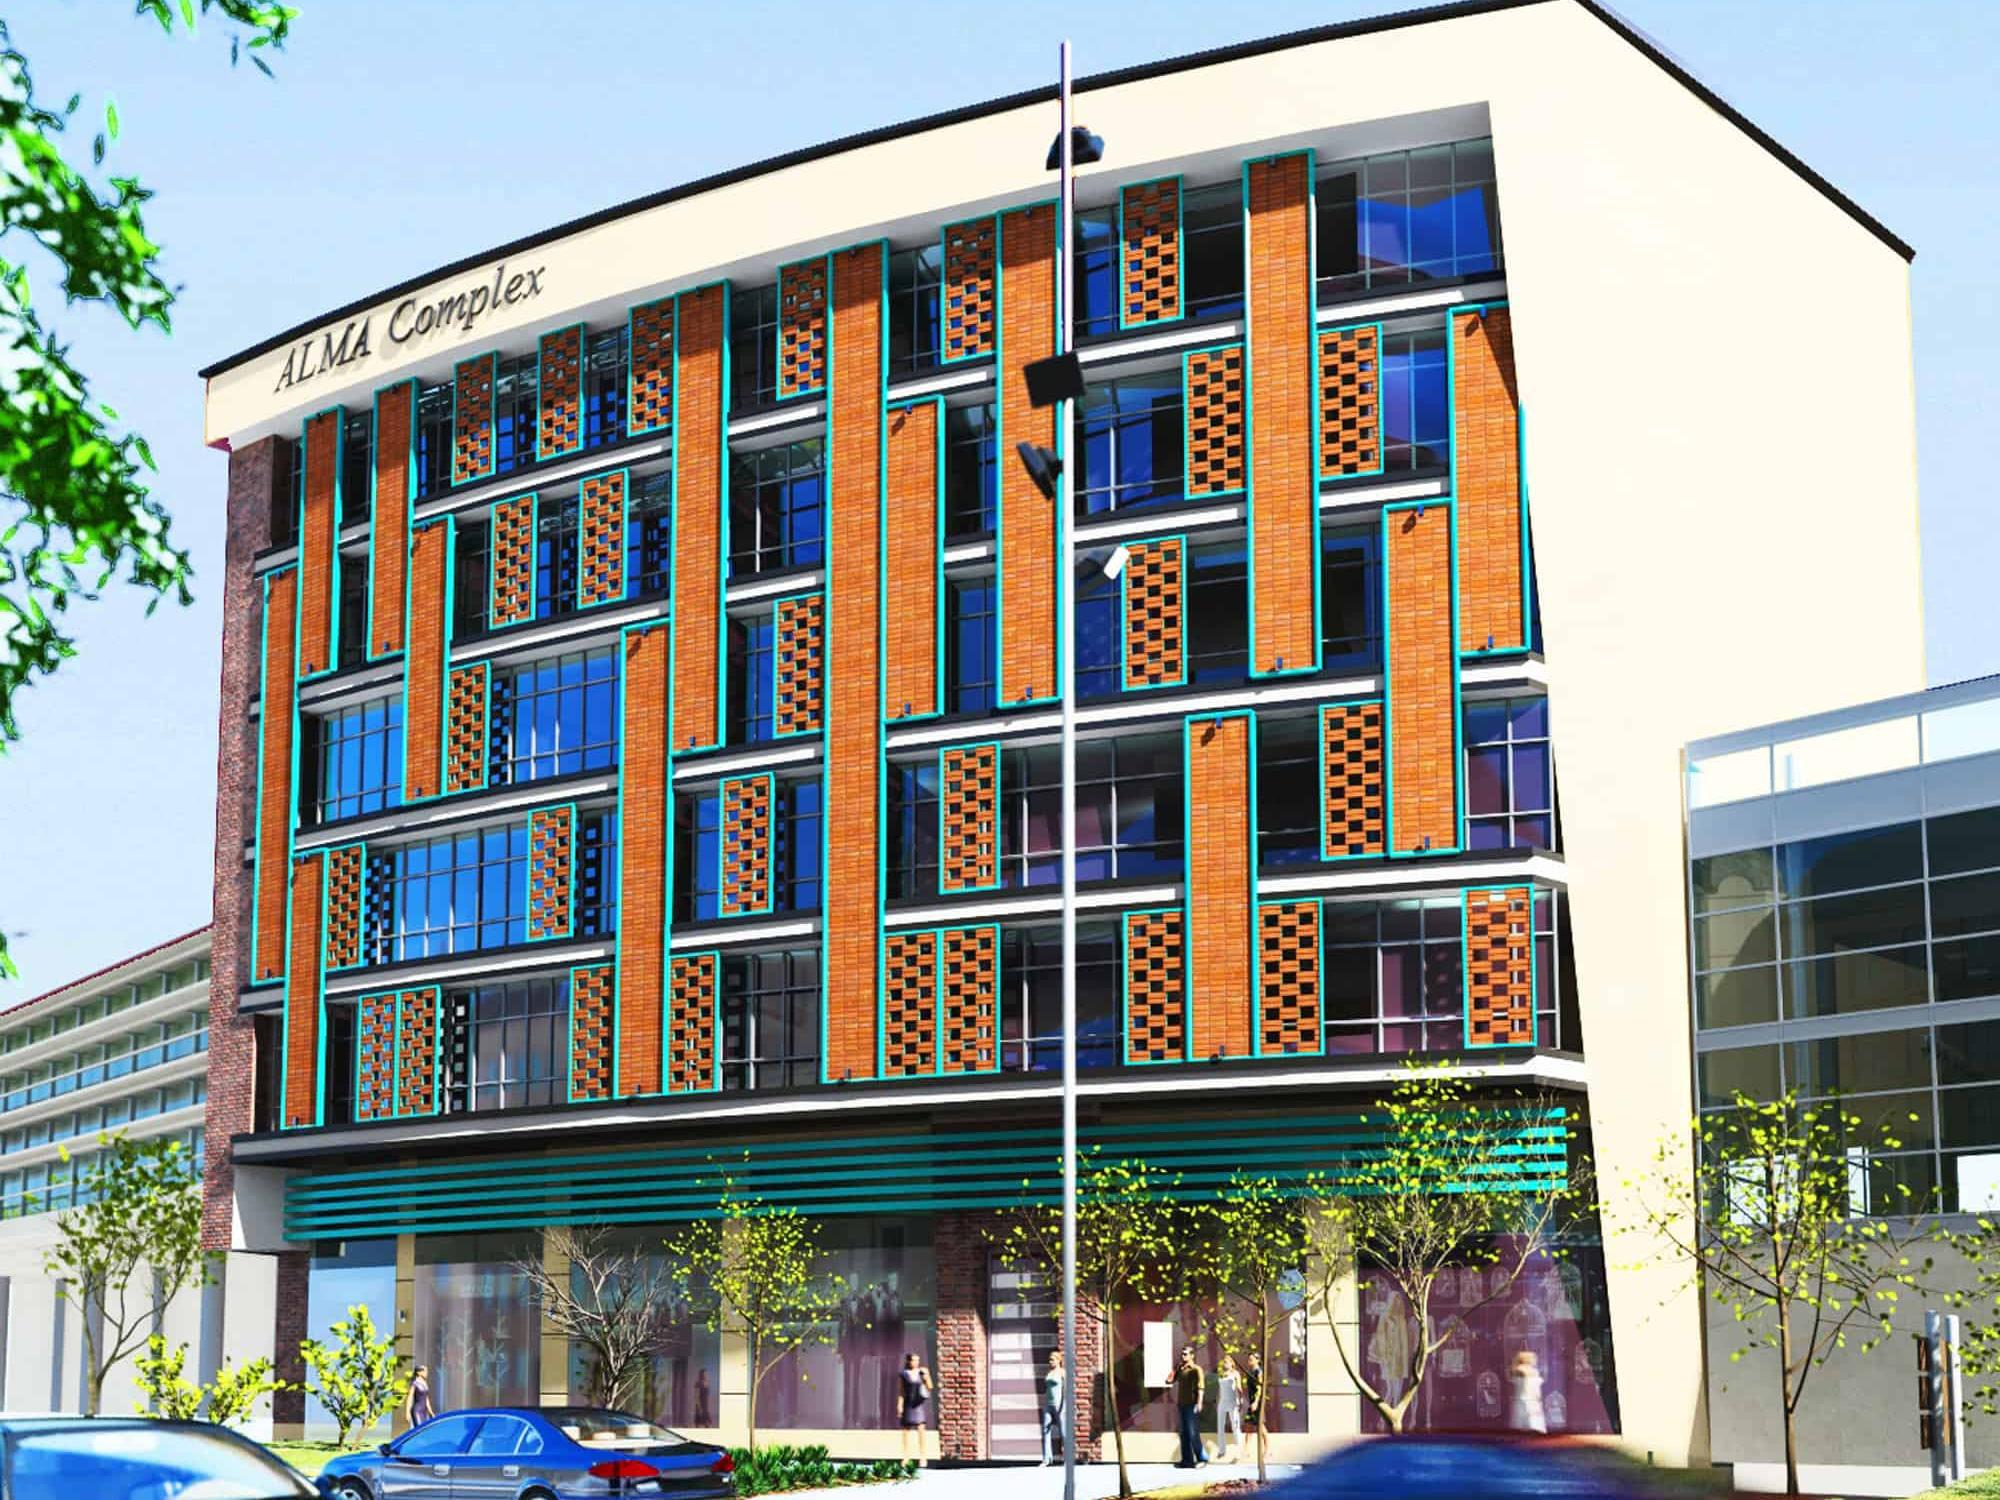 طراحی و معماری مدرن پوسته ای مجتمع تجاری اداری آلما